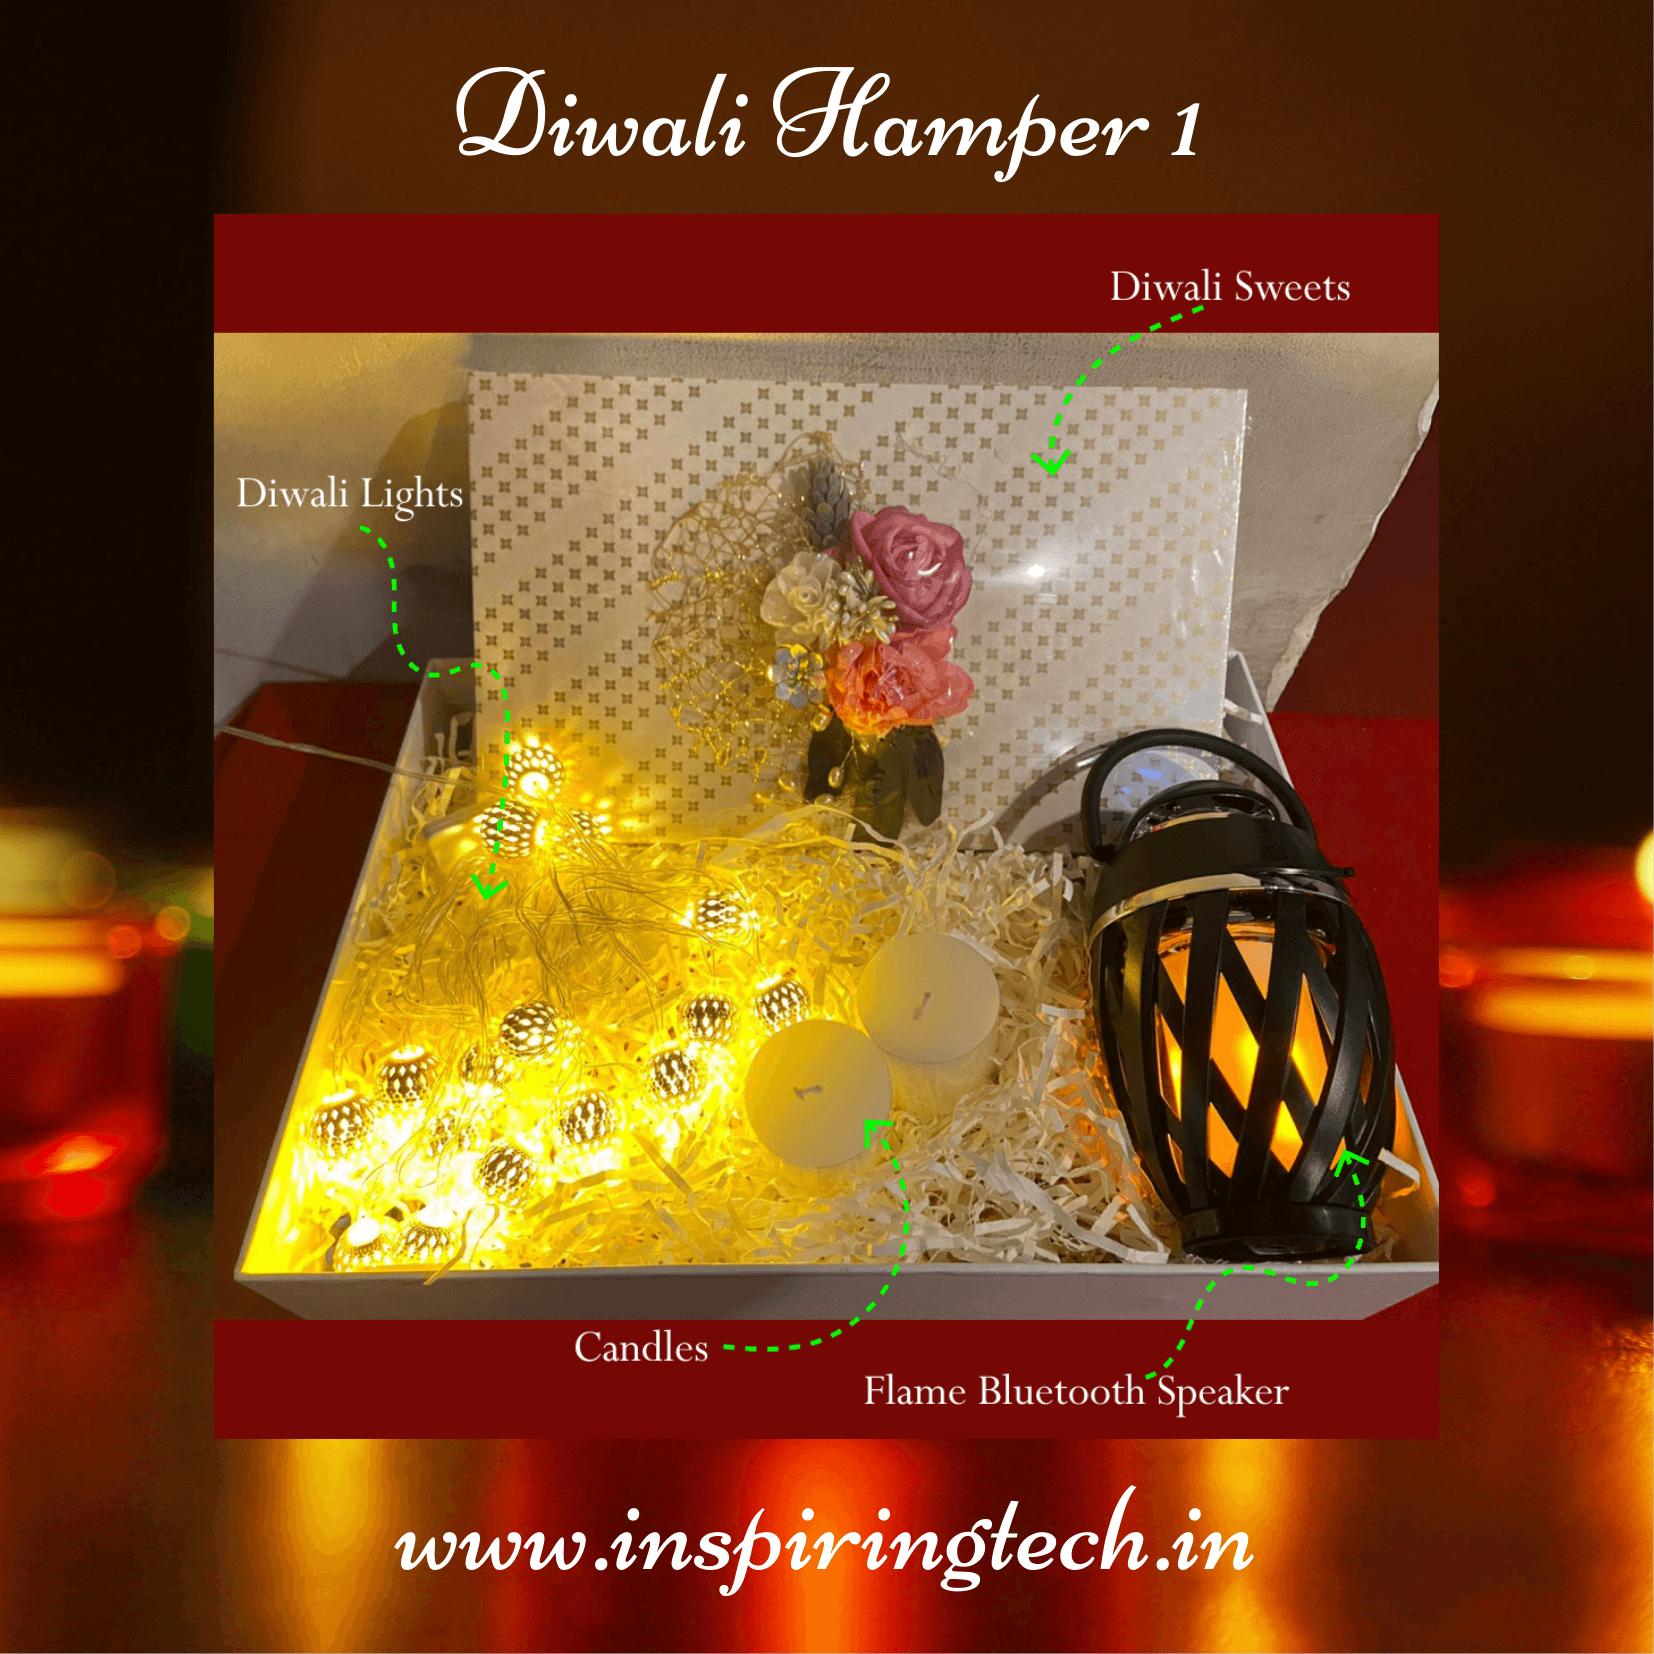 Diwali-Hamper-1